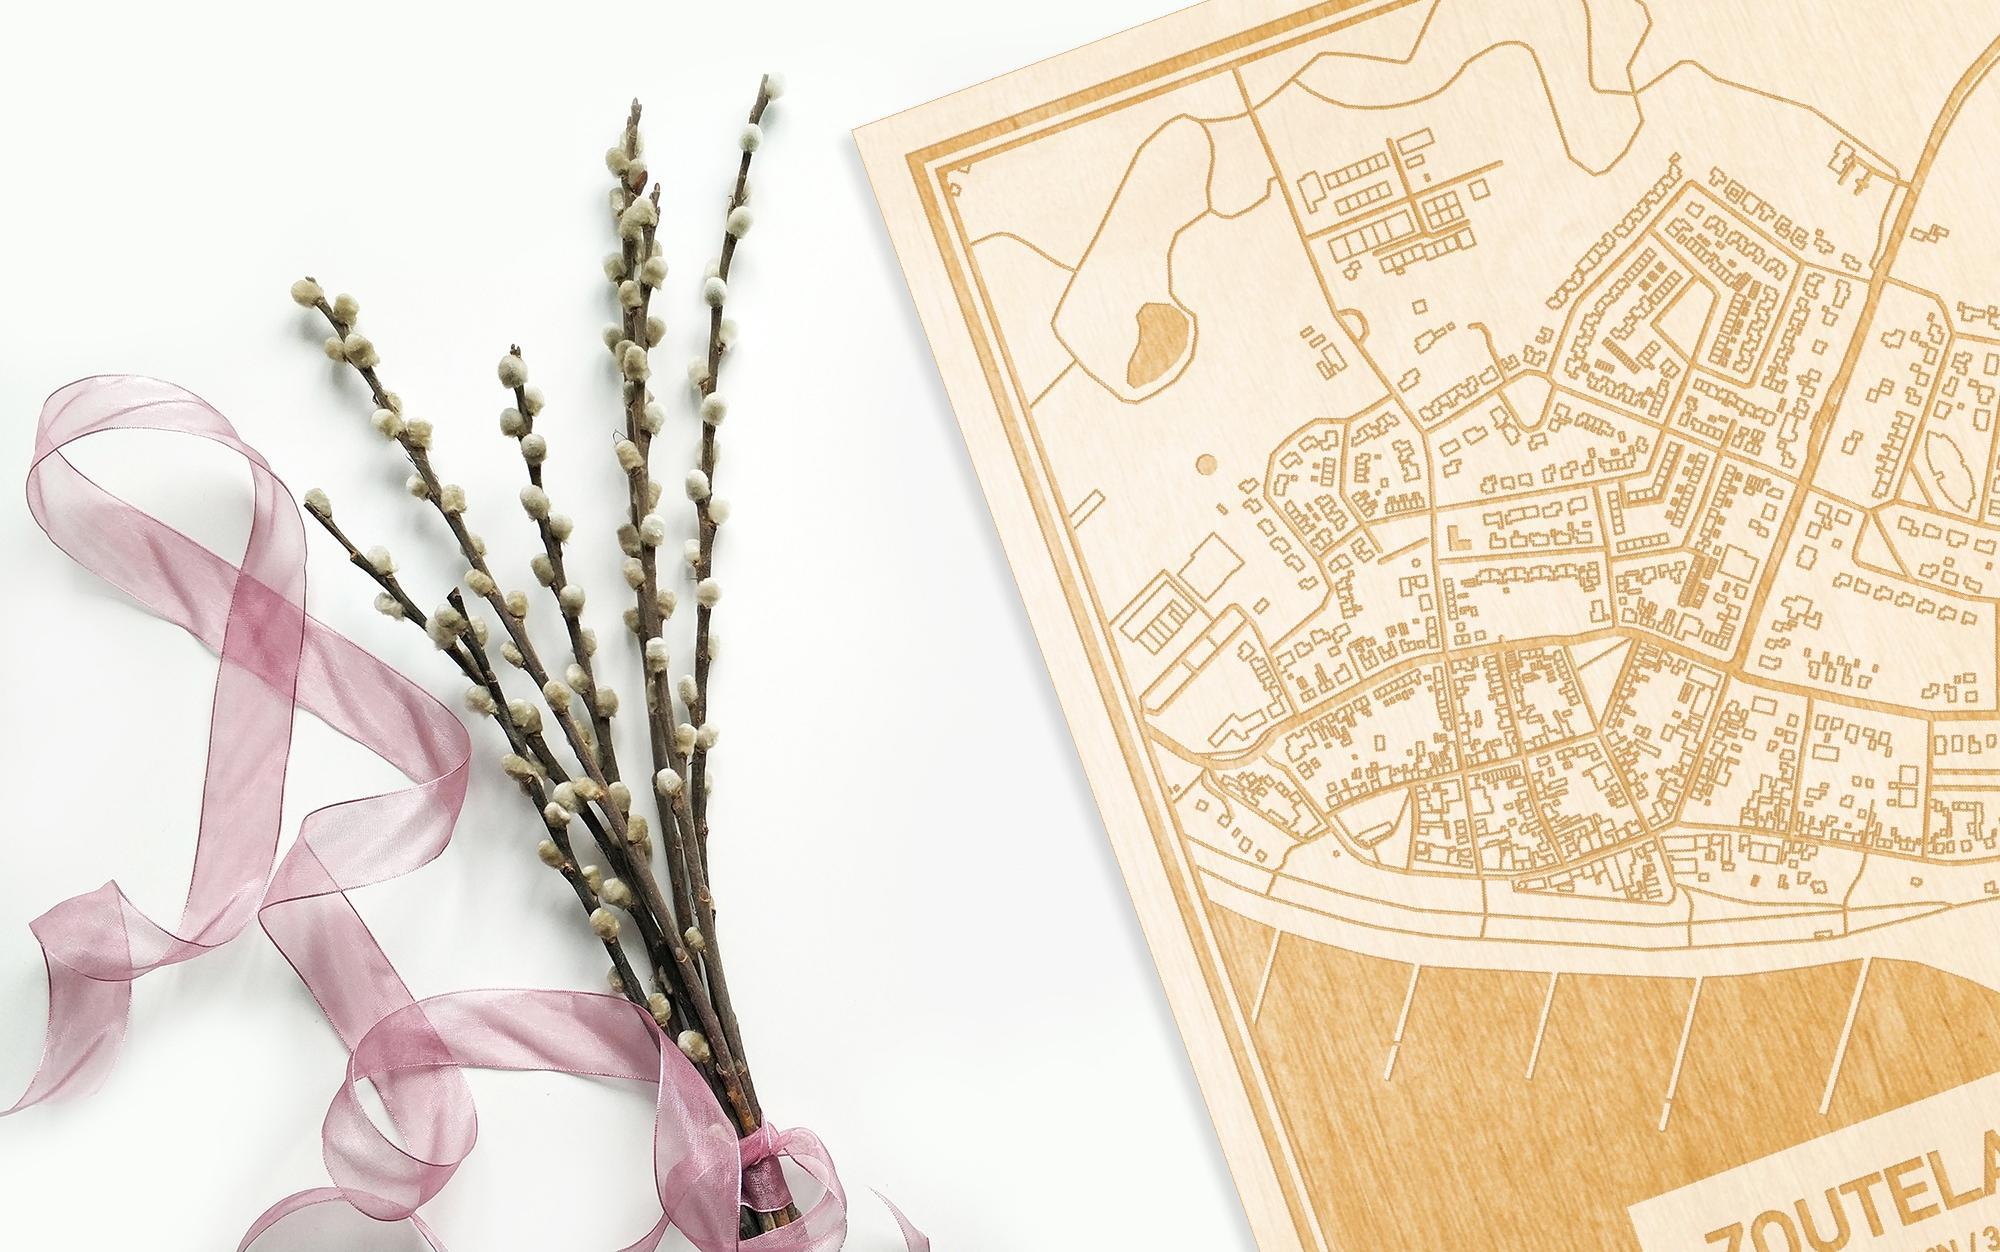 Hier ligt de houten plattegrond Zoutelande naast een bloemetje als gepersonaliseerd cadeau voor haar.